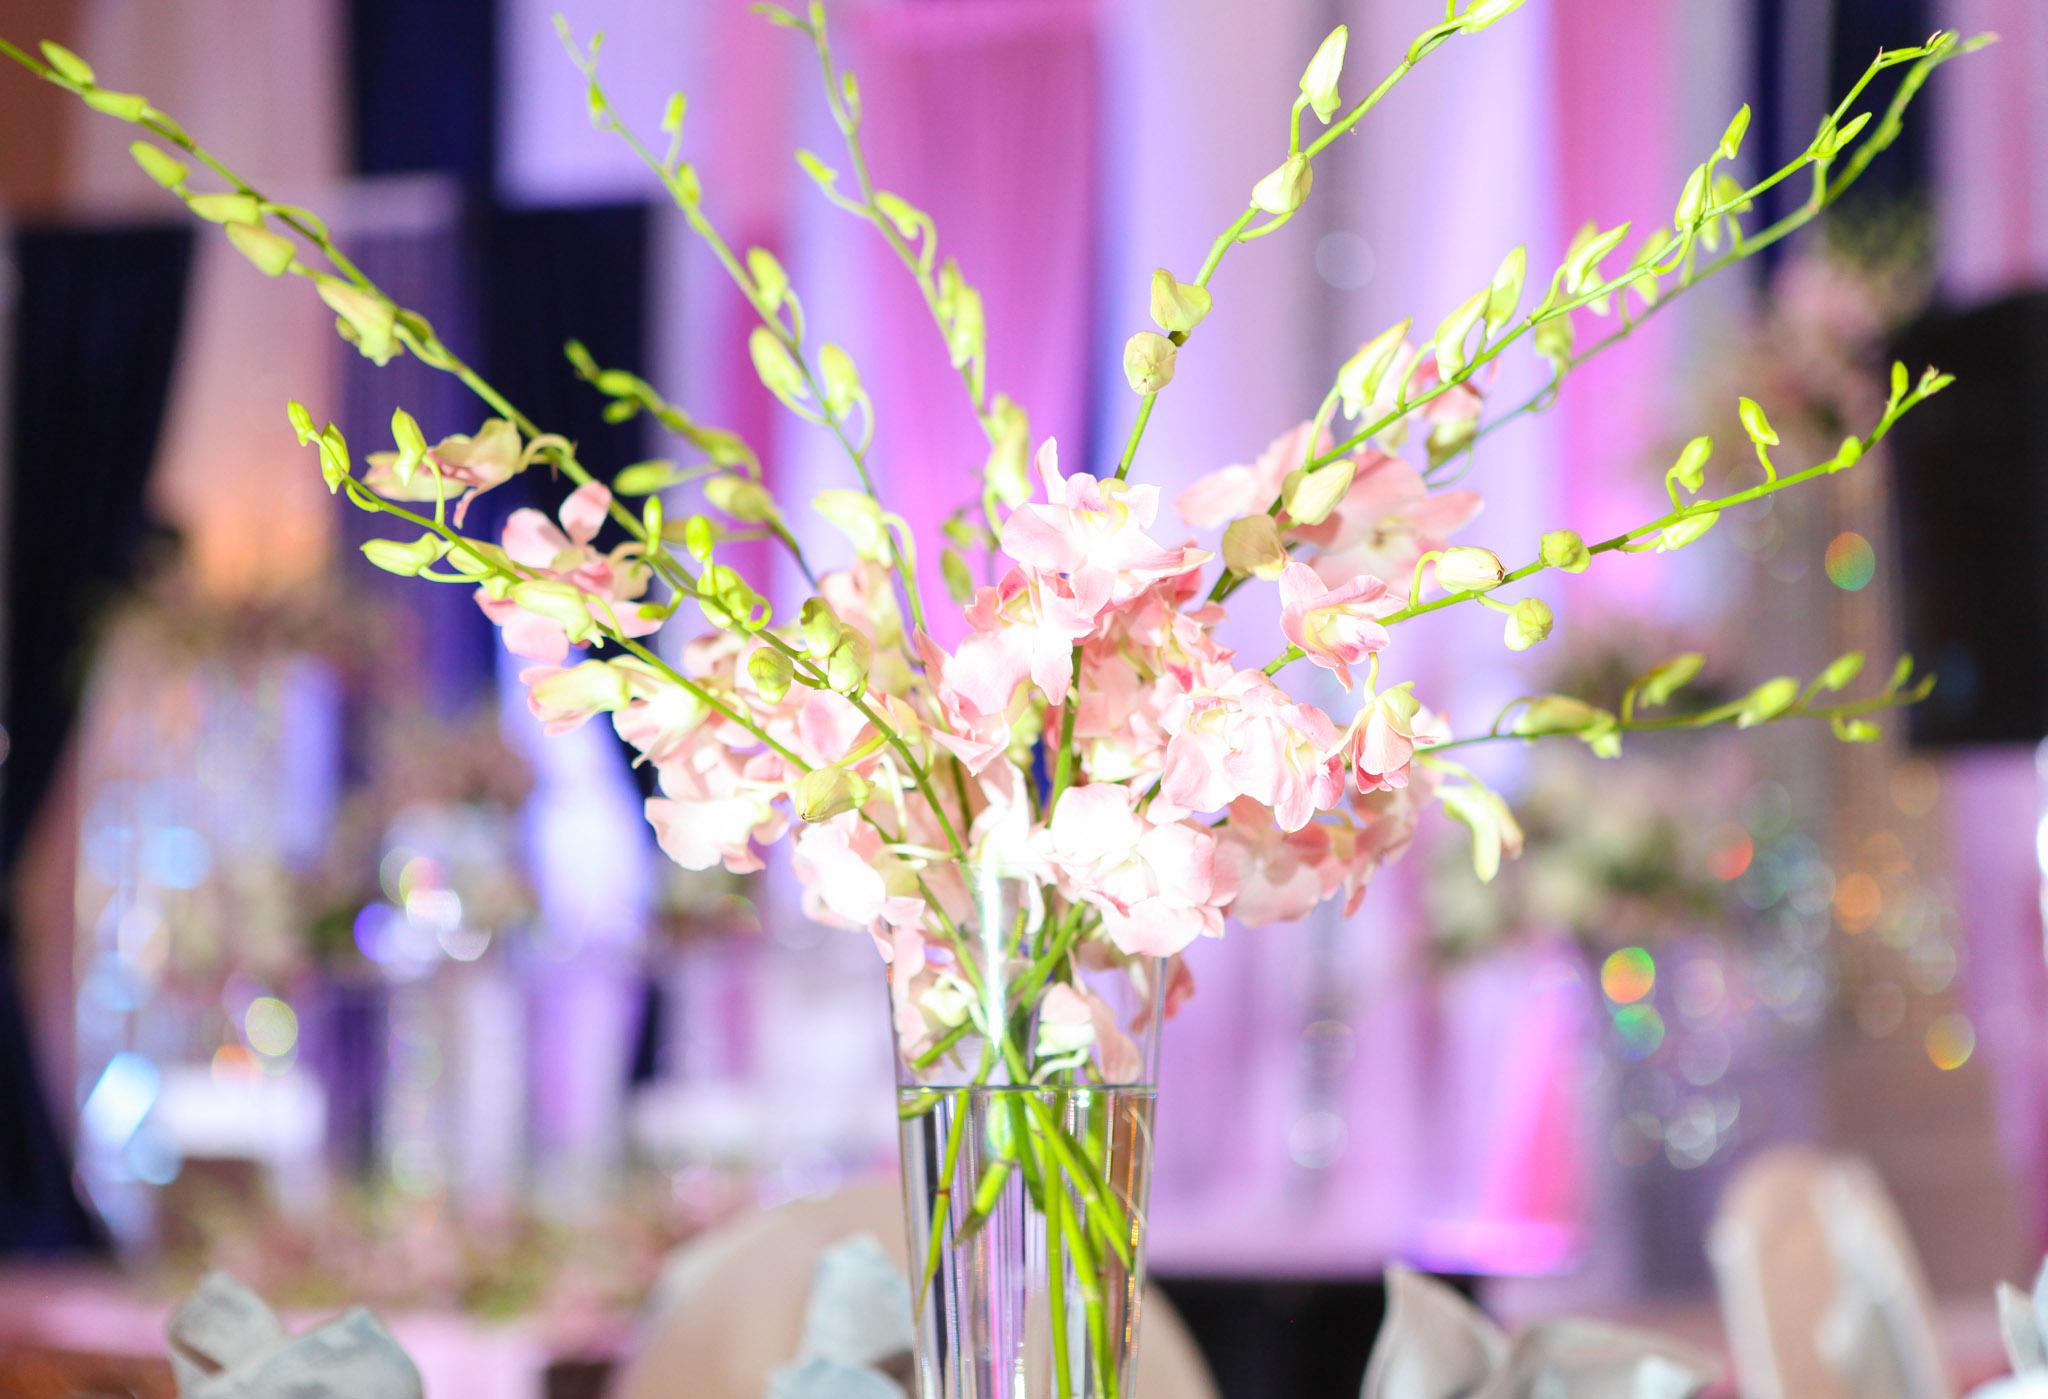 Jasmine And Jonathan Wedding Reception At Payal Banquets Khazana Creations